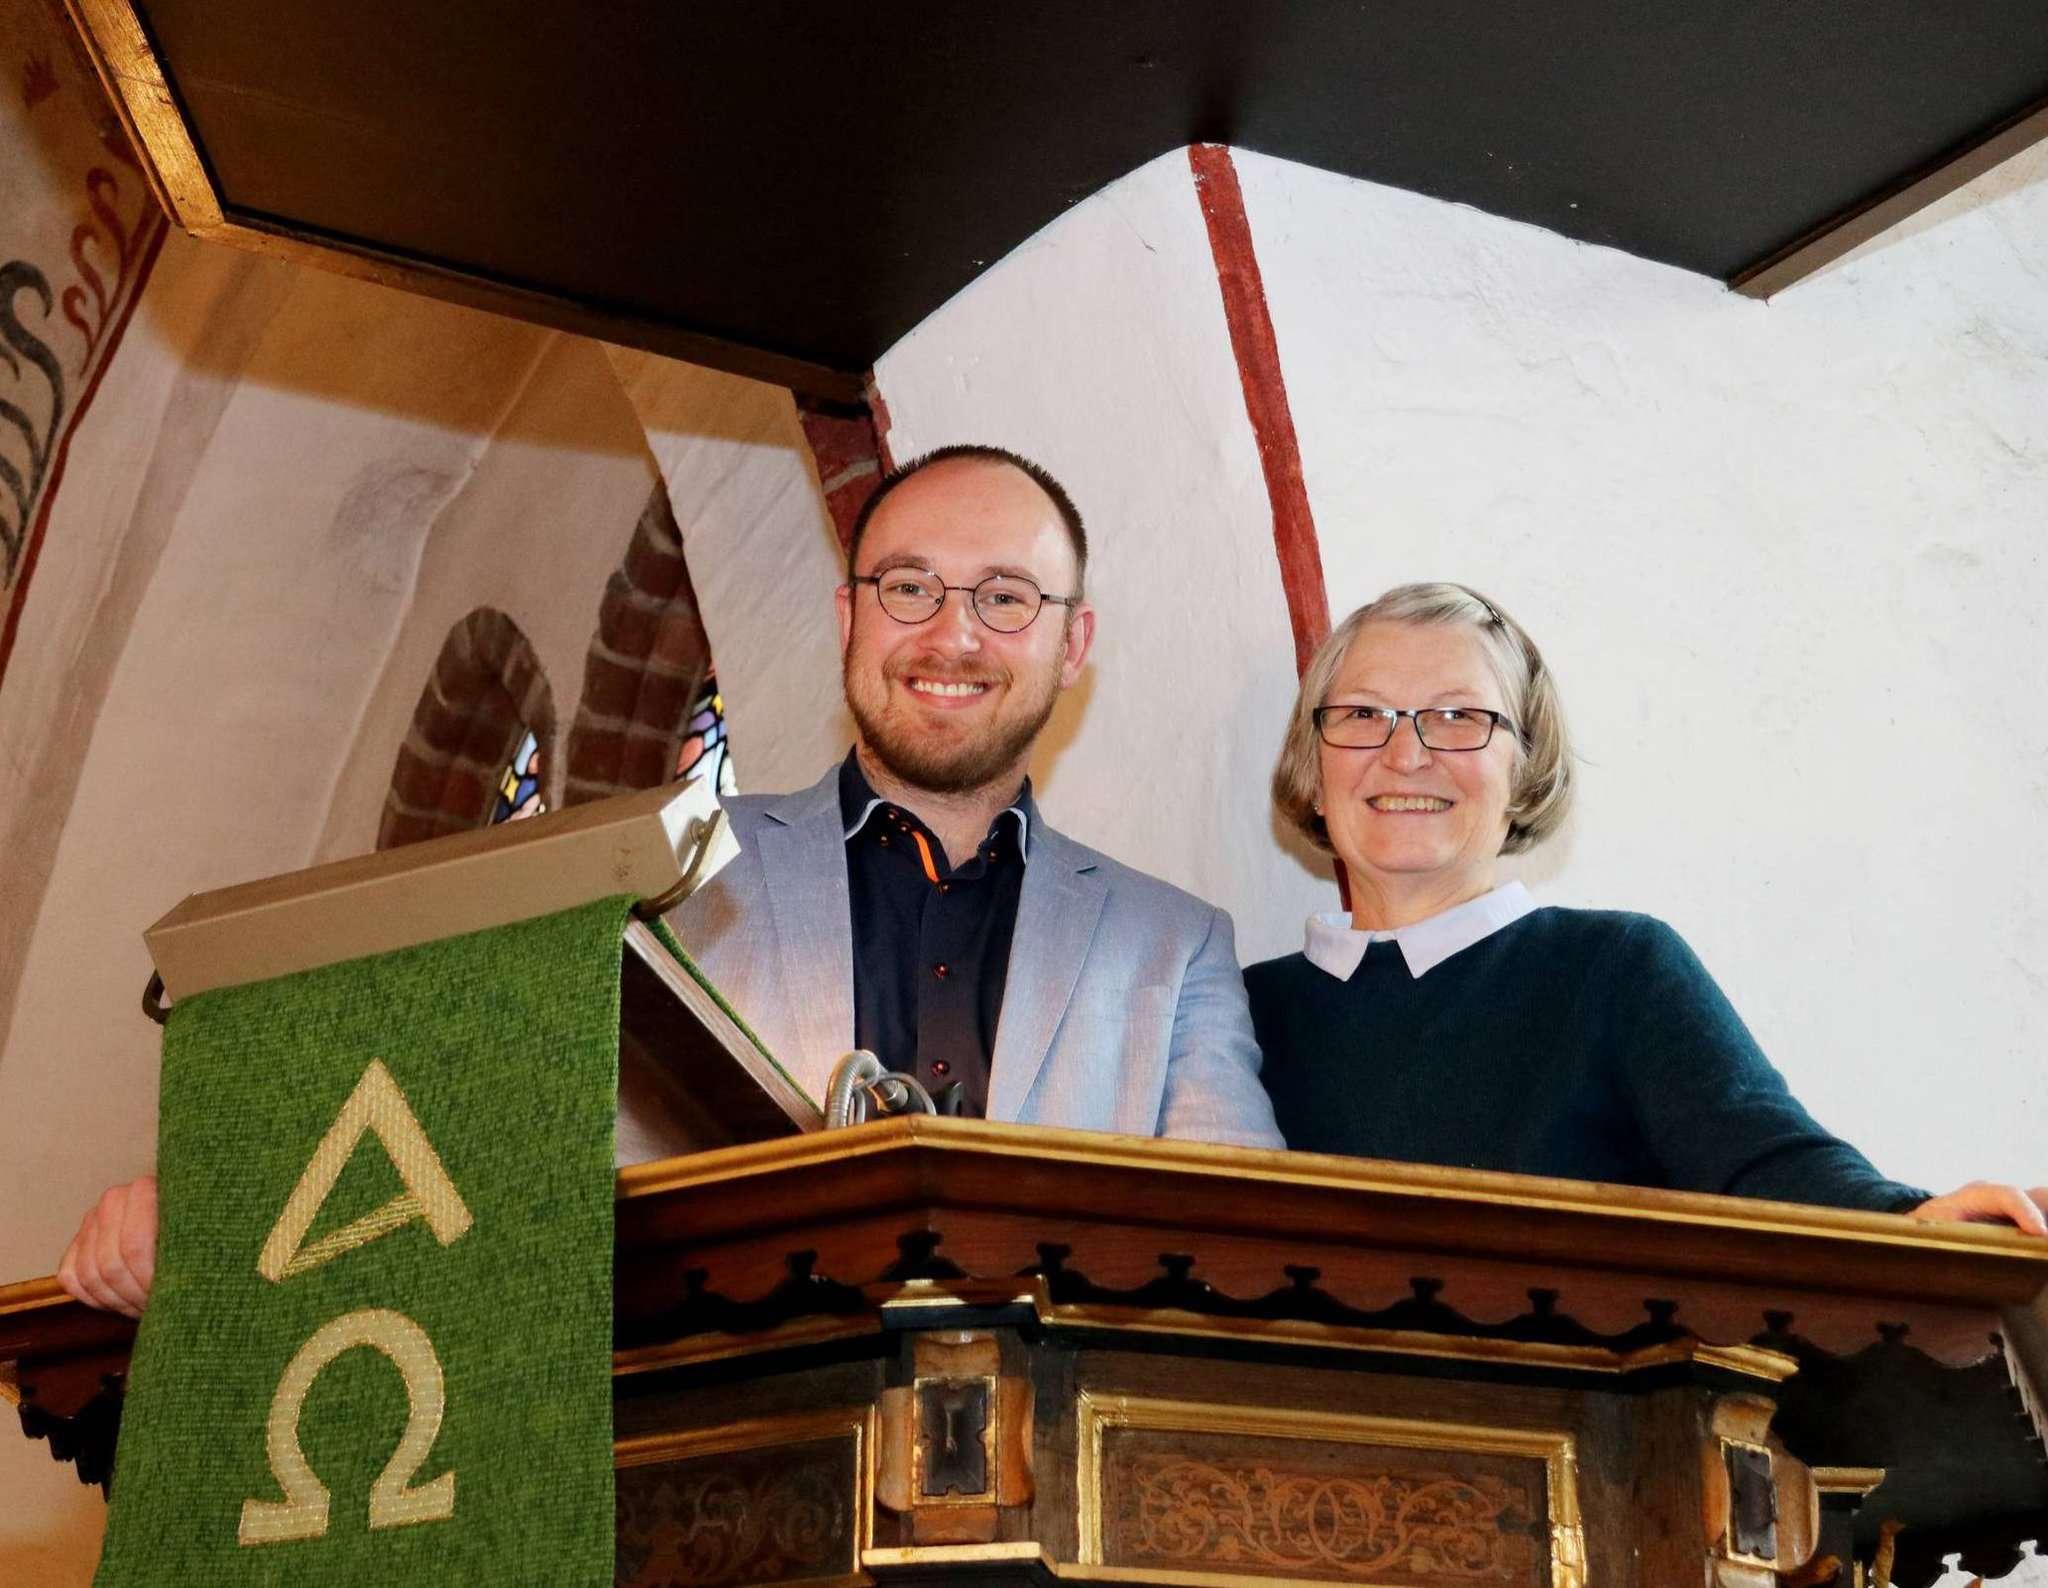 Christian Oddoy und Karin Klement planen eine Dialogpredigt zum Volkstrauertag. Foto: Nina Baucke